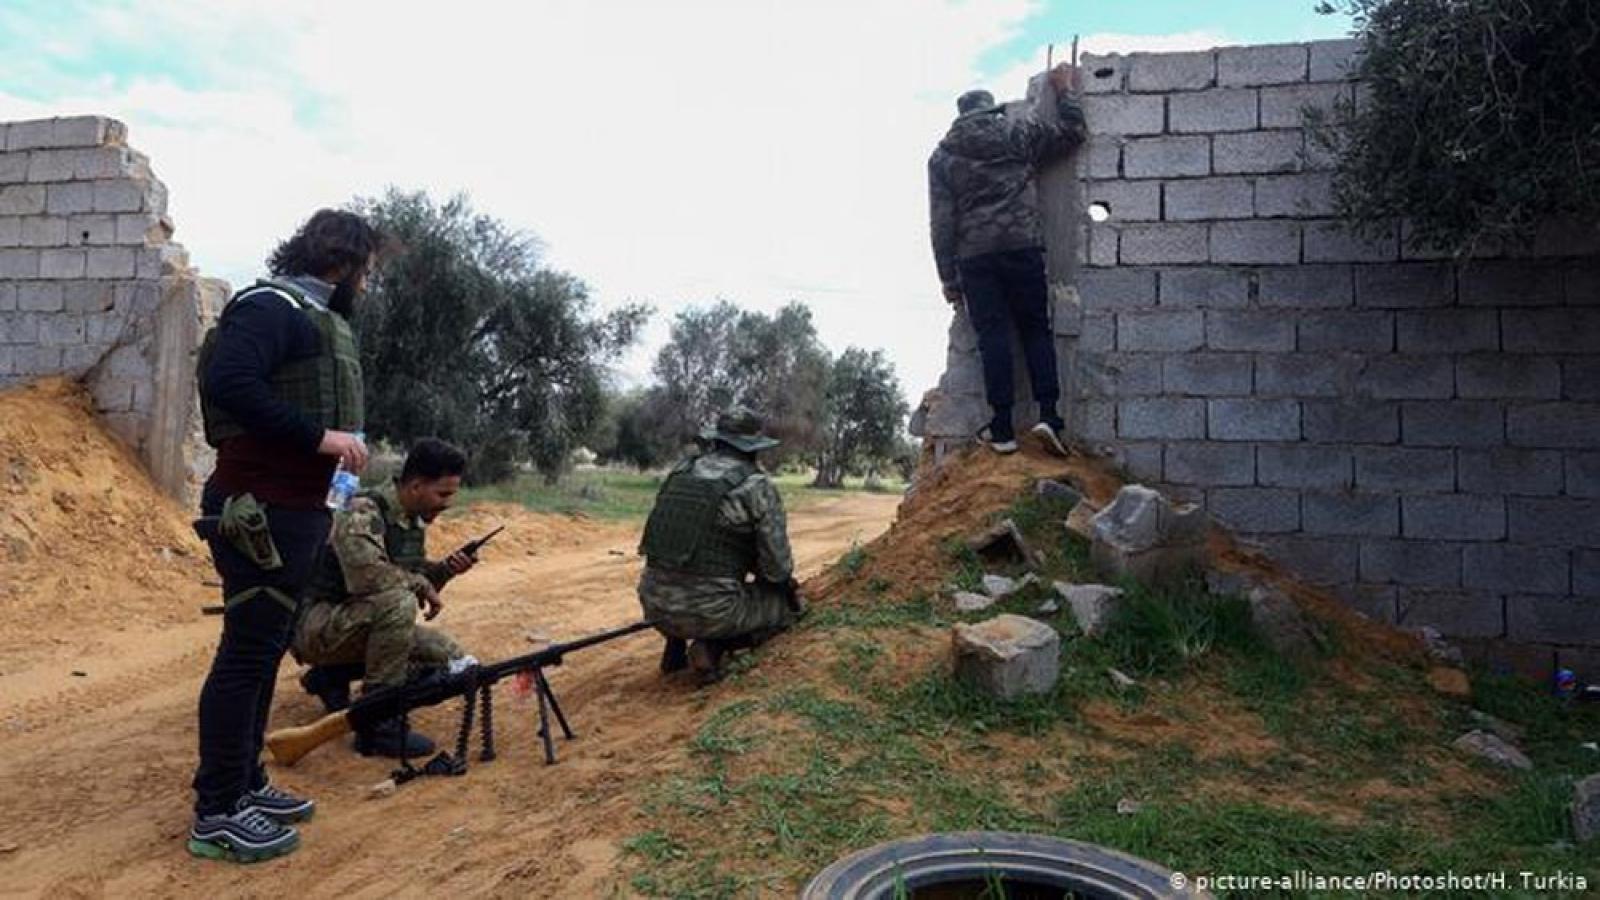 Pháp, Đức, Italia sẽ trừng phạt cường quốc vi phạm lệnh cấm vận vũ khí với Libya